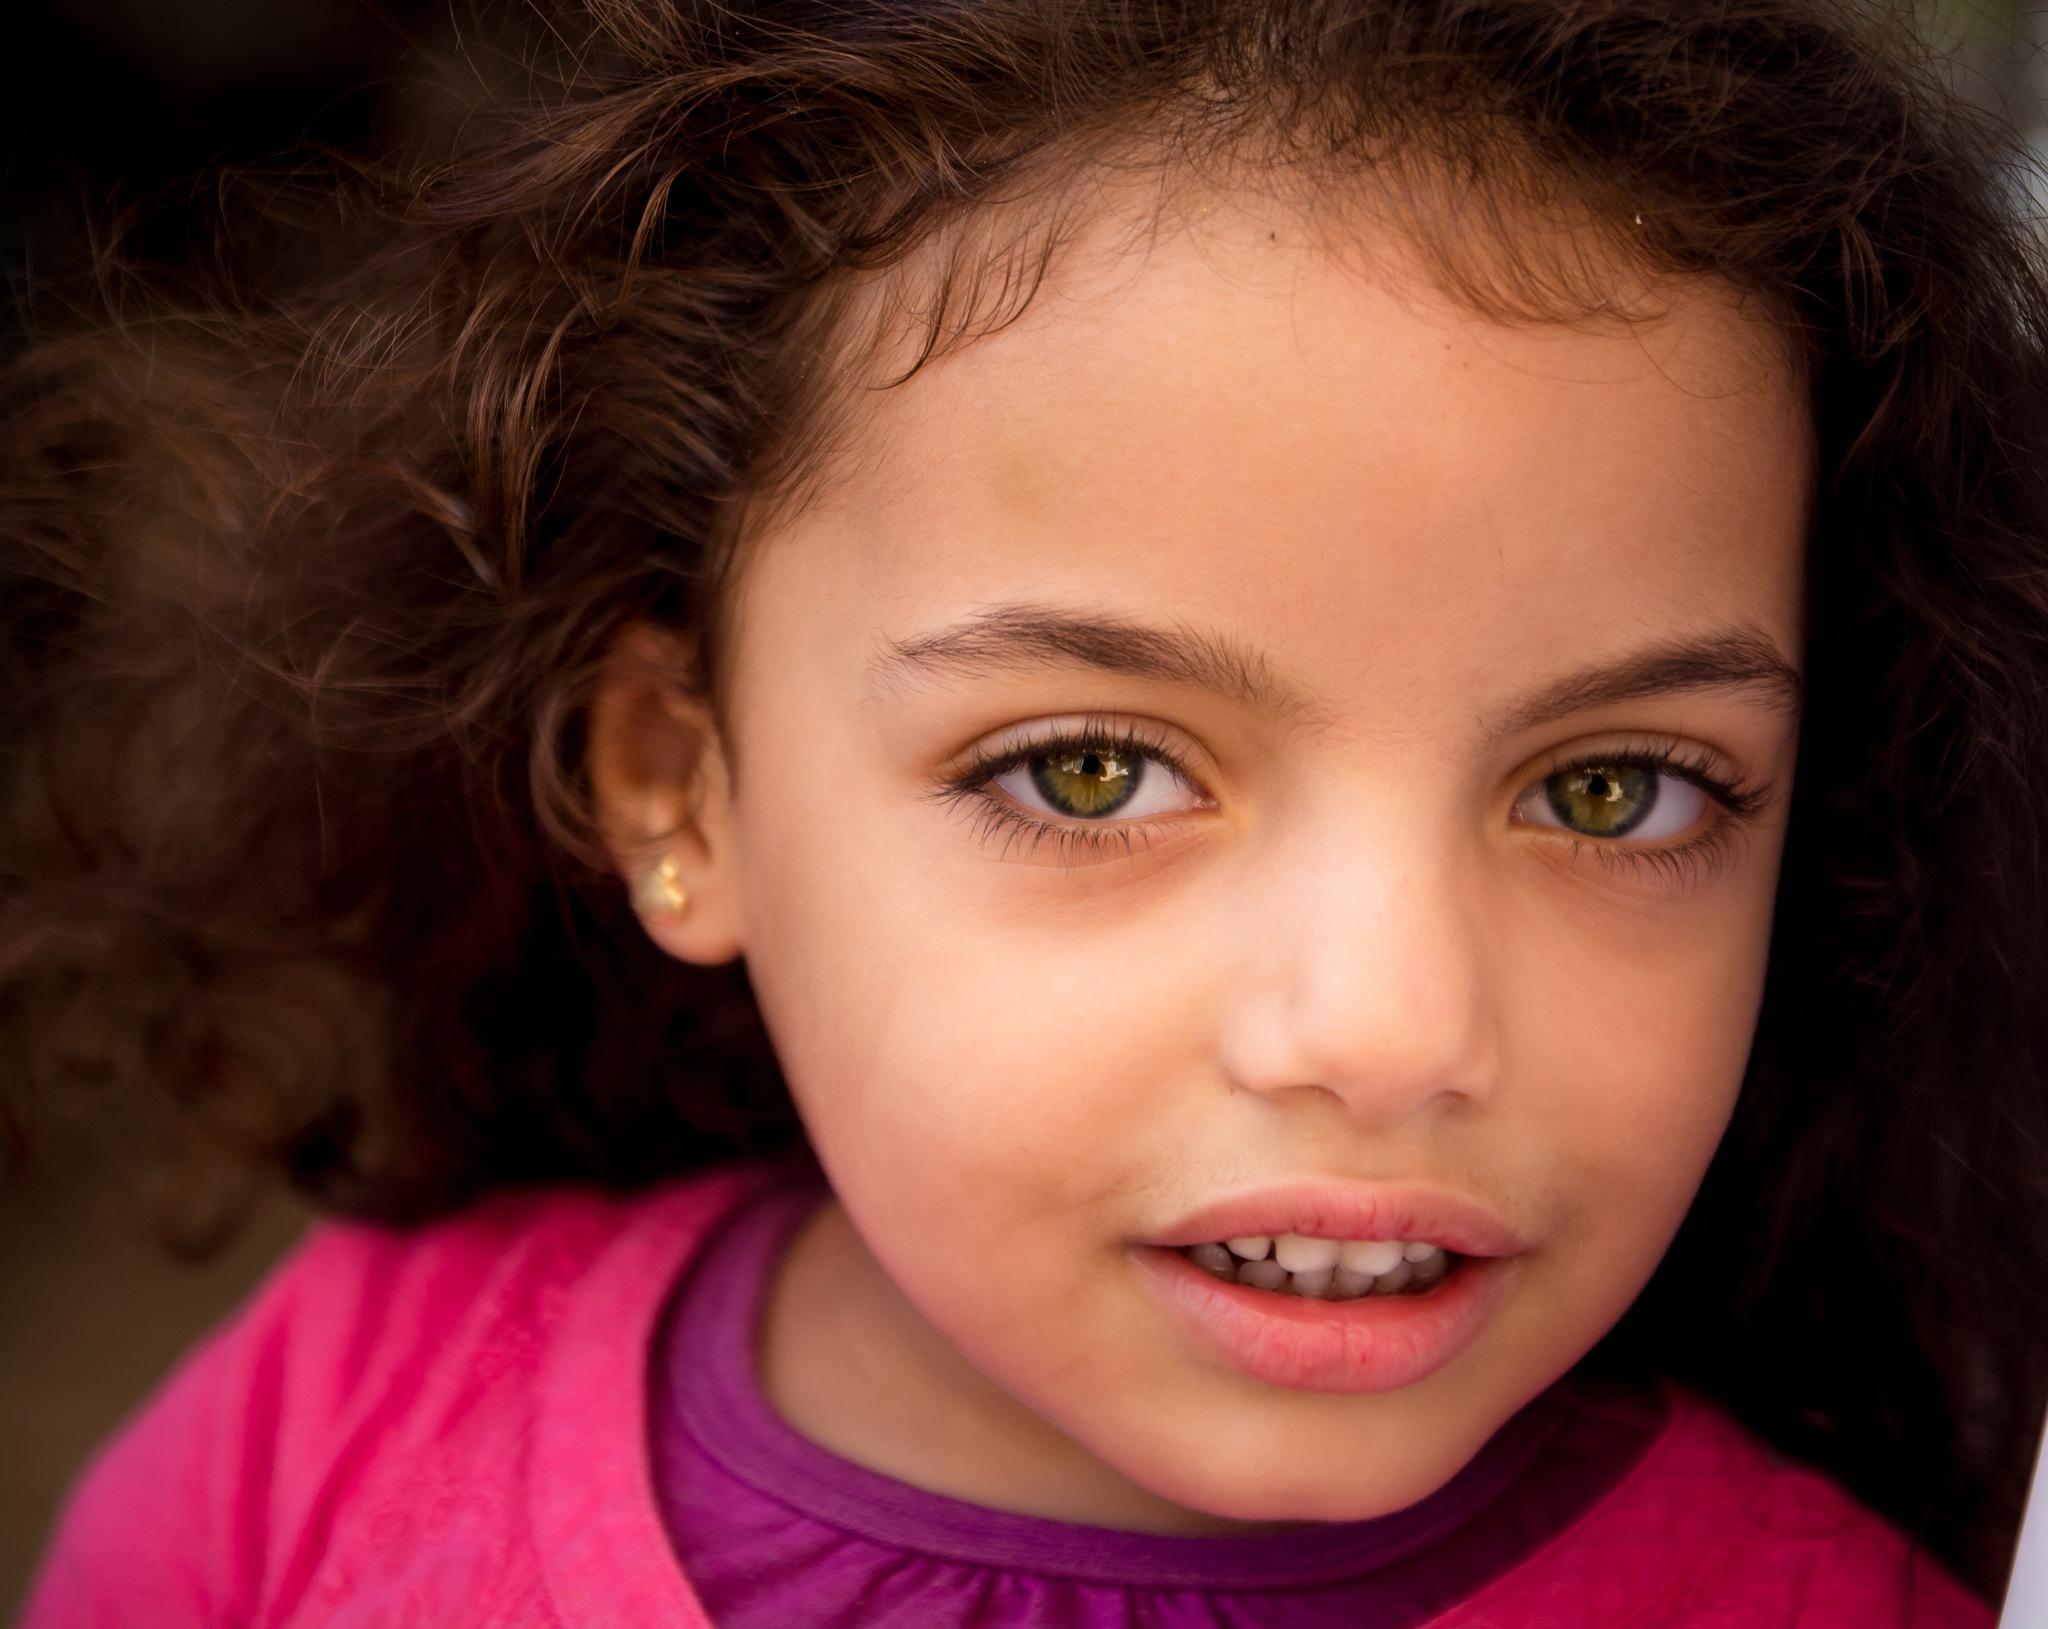 pretty girl  by mohamedwwe26